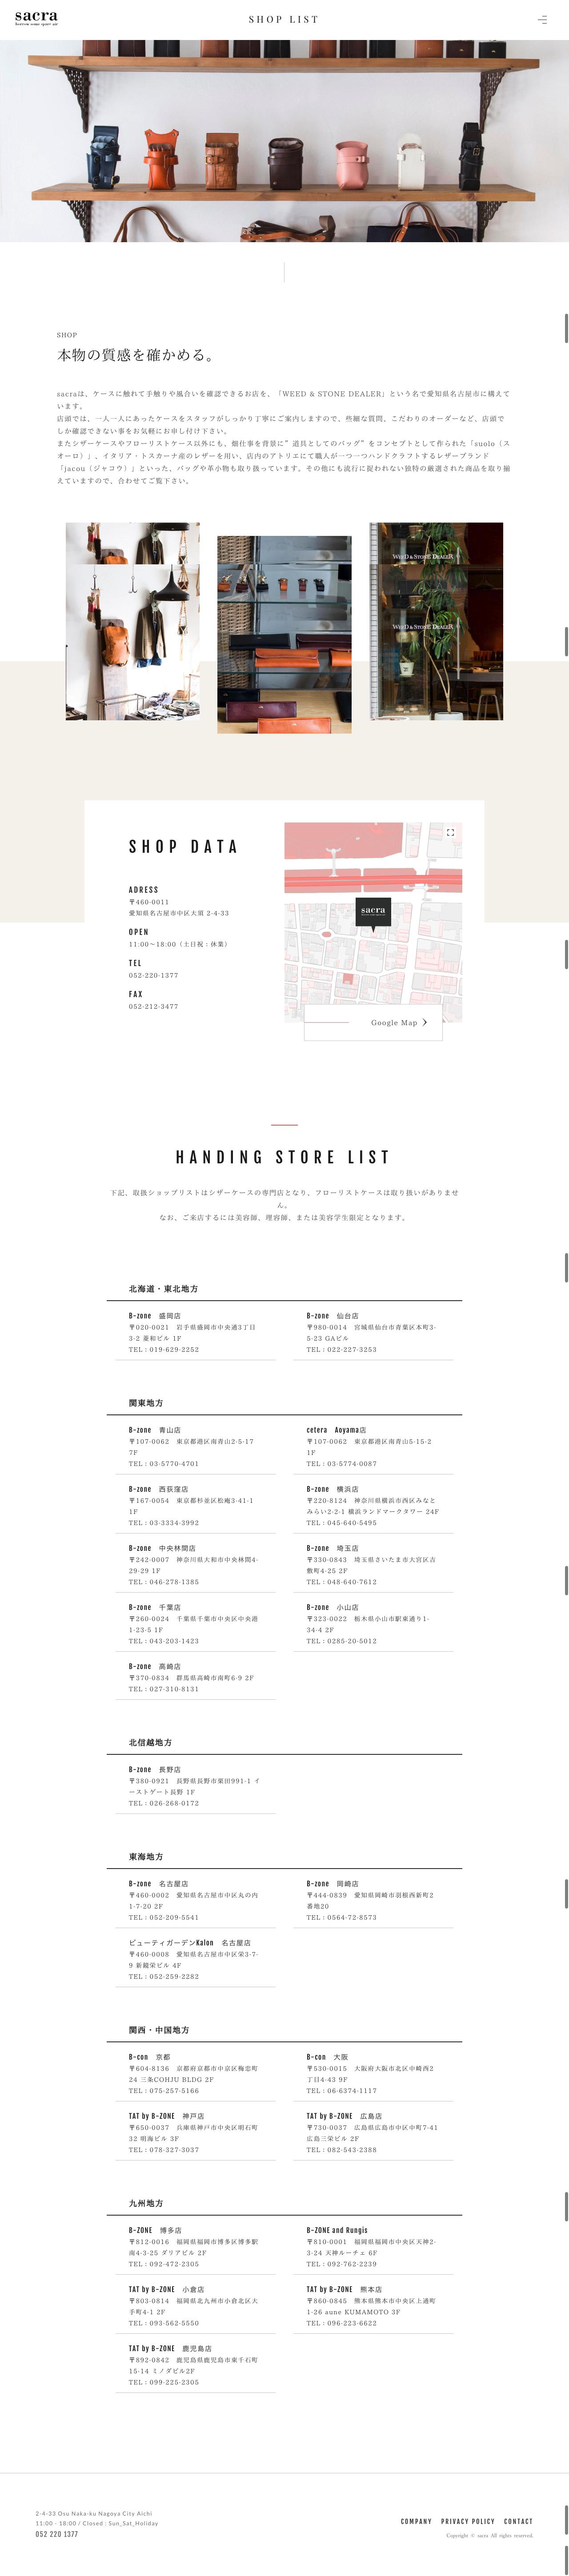 sacra-jp.com-SHOP LIST